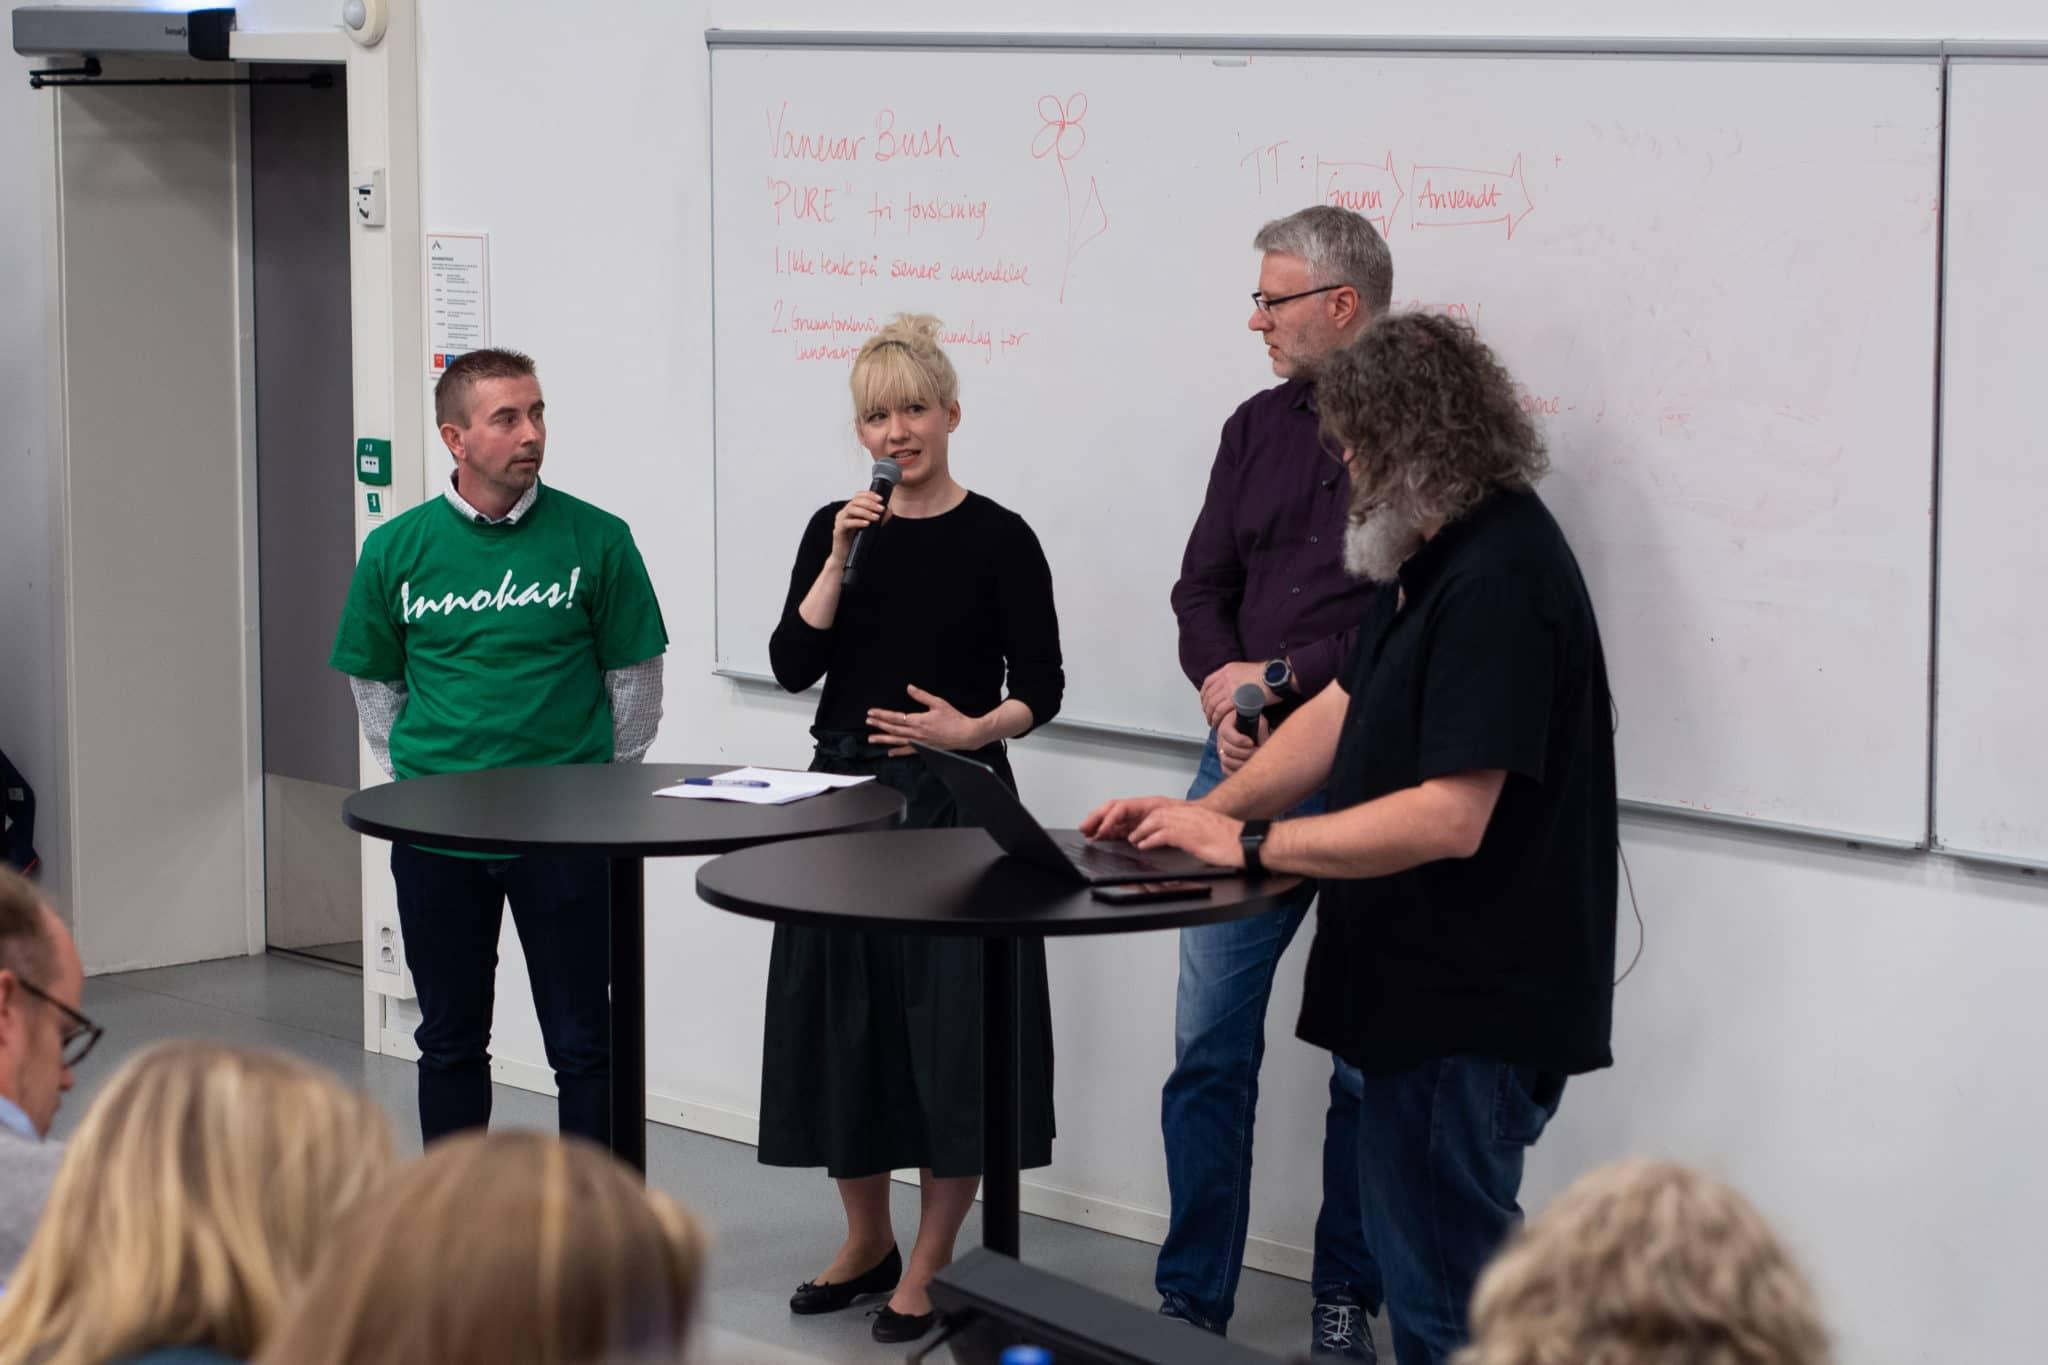 Neljä henkilöä puhuu yleisölle